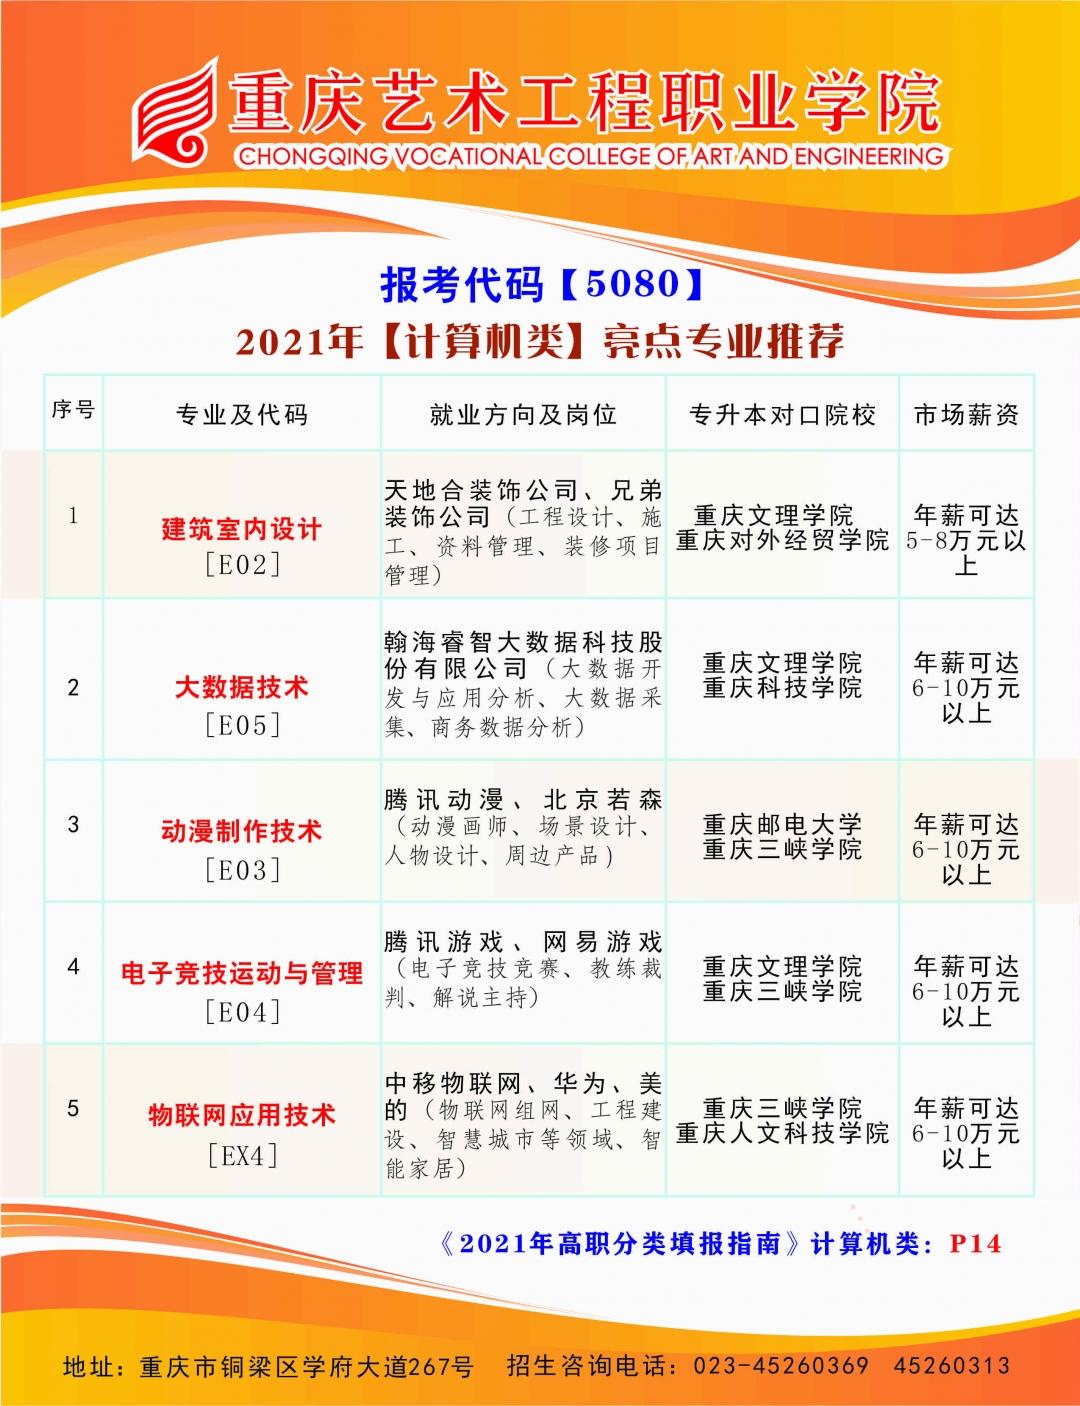 2021年春招分类优势(计算机).jpg